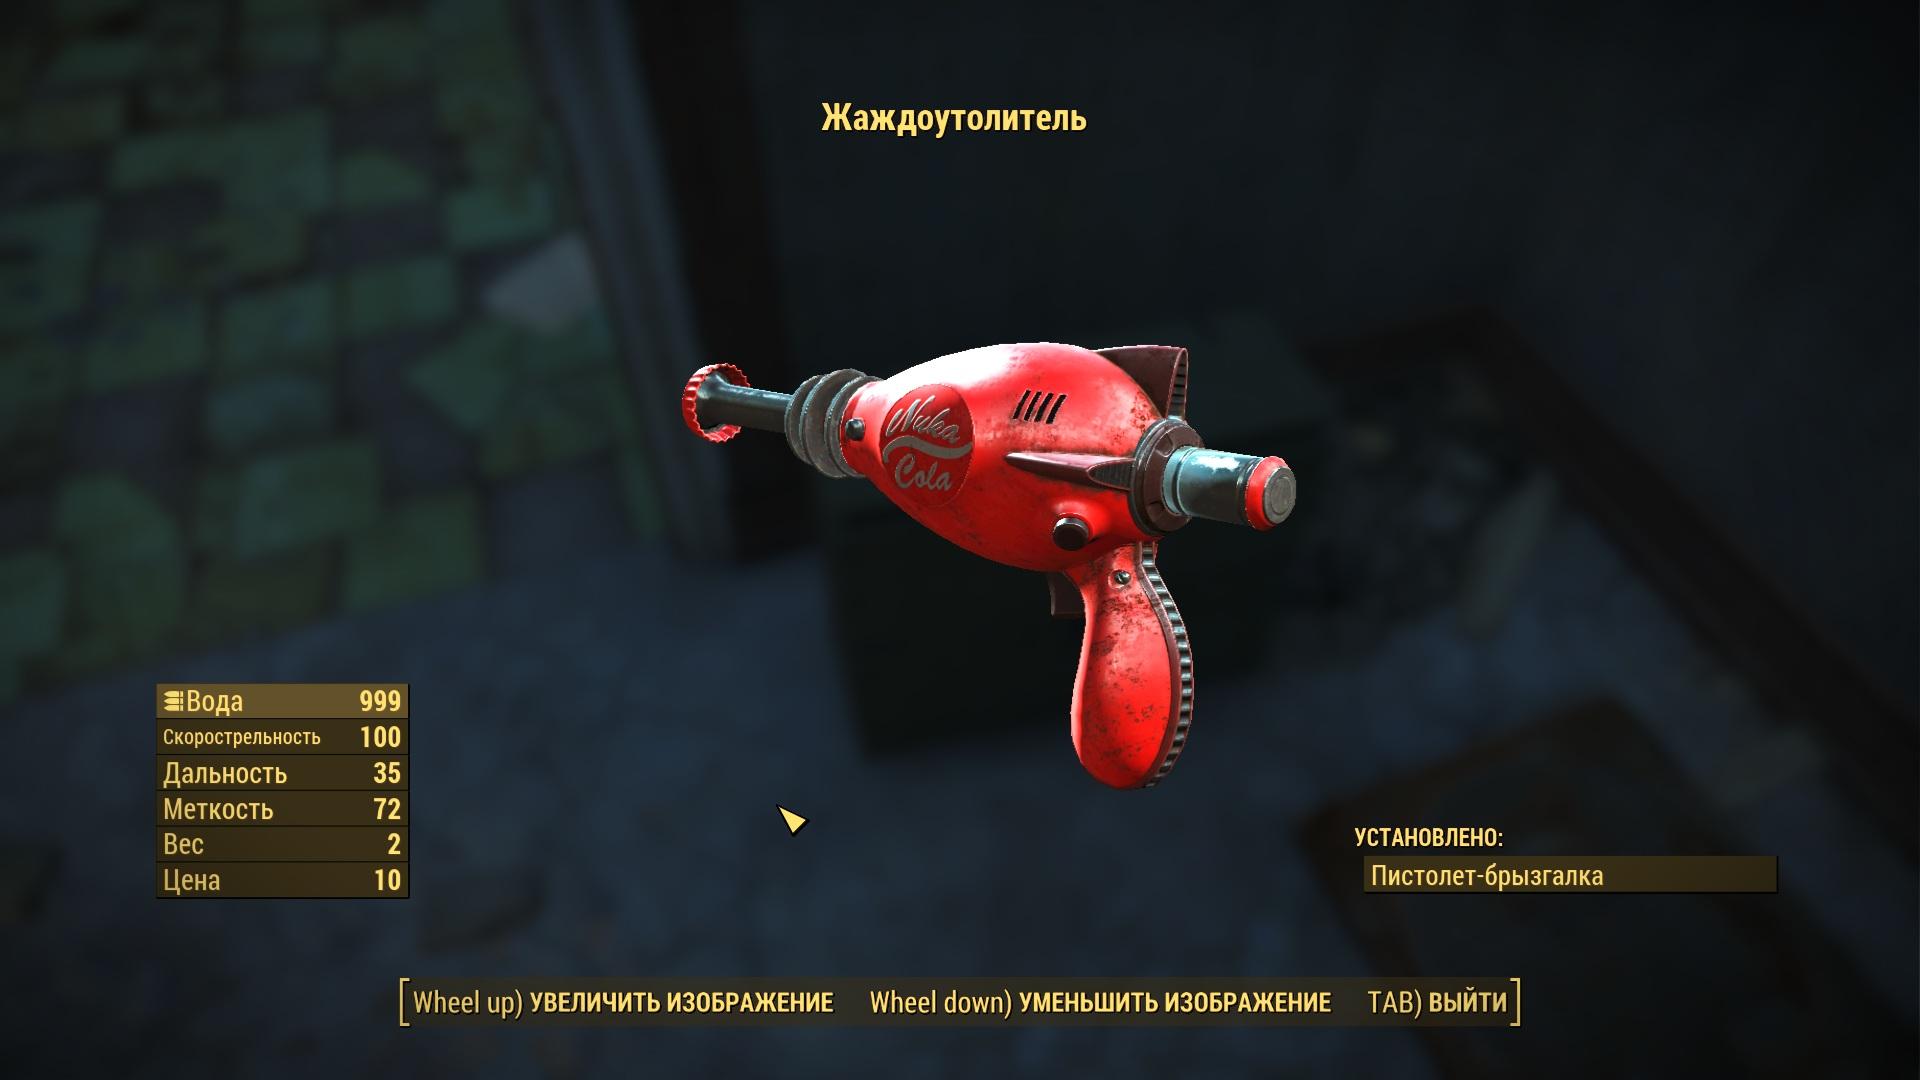 жаждоутолитель - Fallout 4 вода - патроны